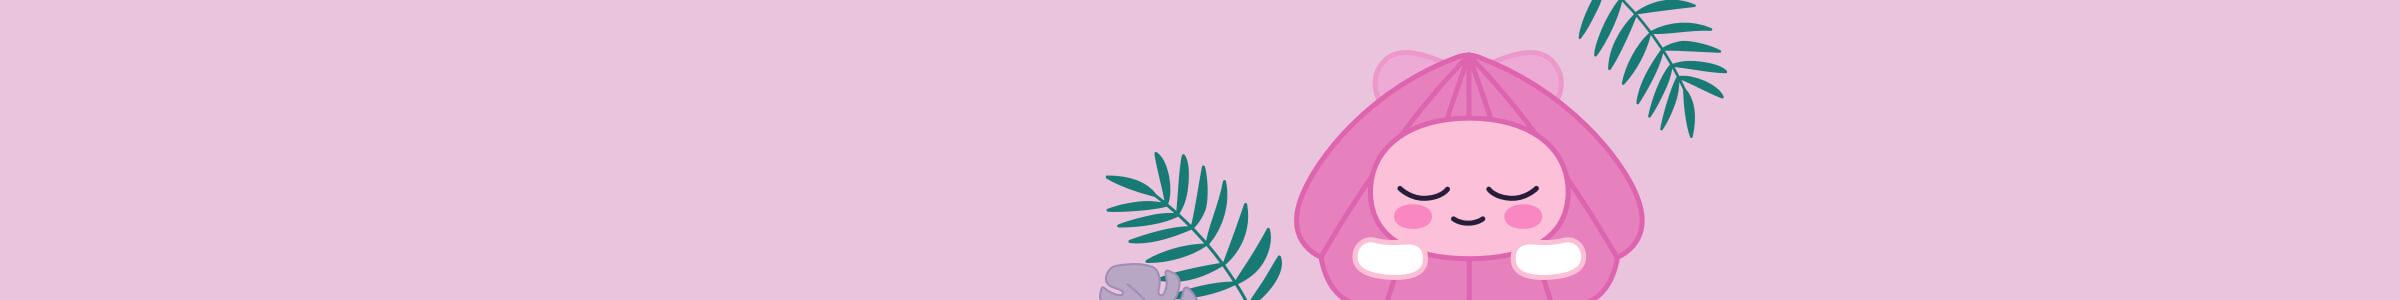 Pink Hawaii